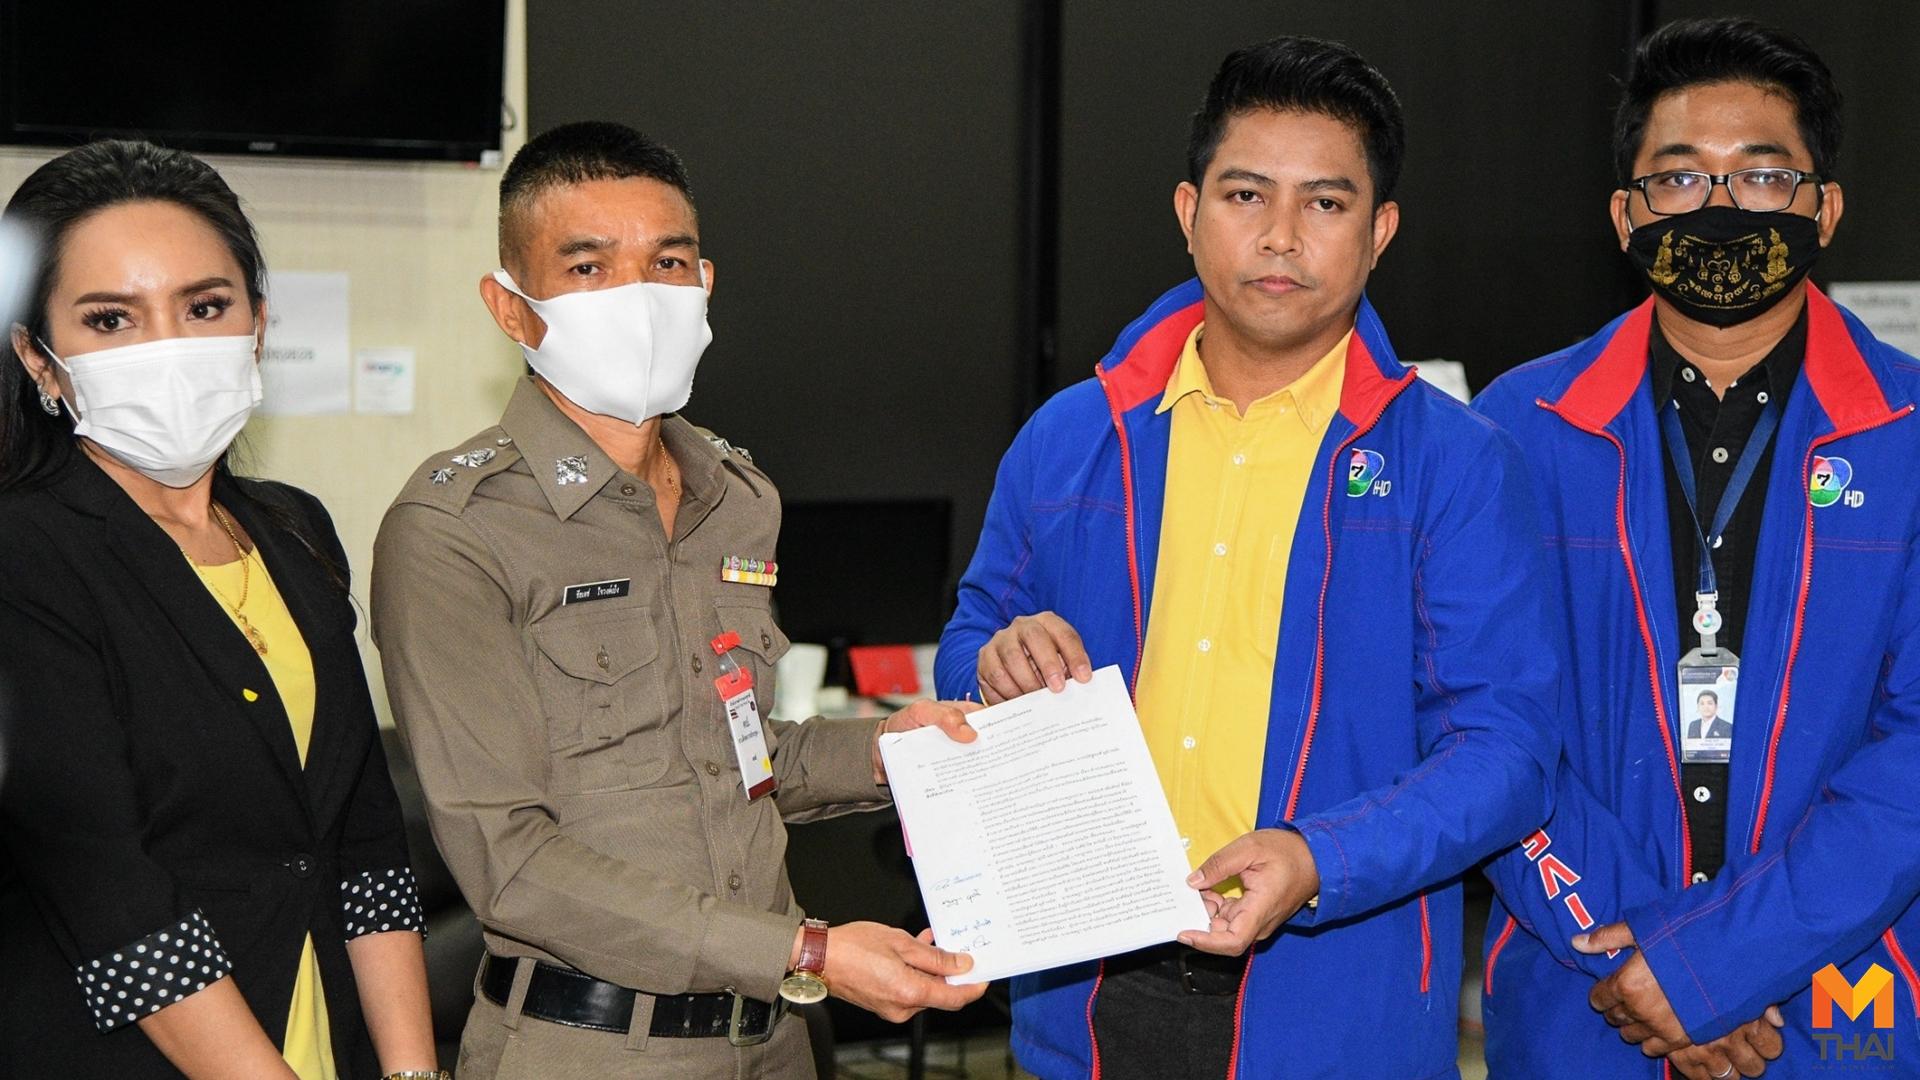 ชมรมเพื่อนช่วยเพื่อนตำรวจแห่งชาติ นักข่าวถูกตำรวจฟ้อง ผู้ประกาศข่าวช่อง 7